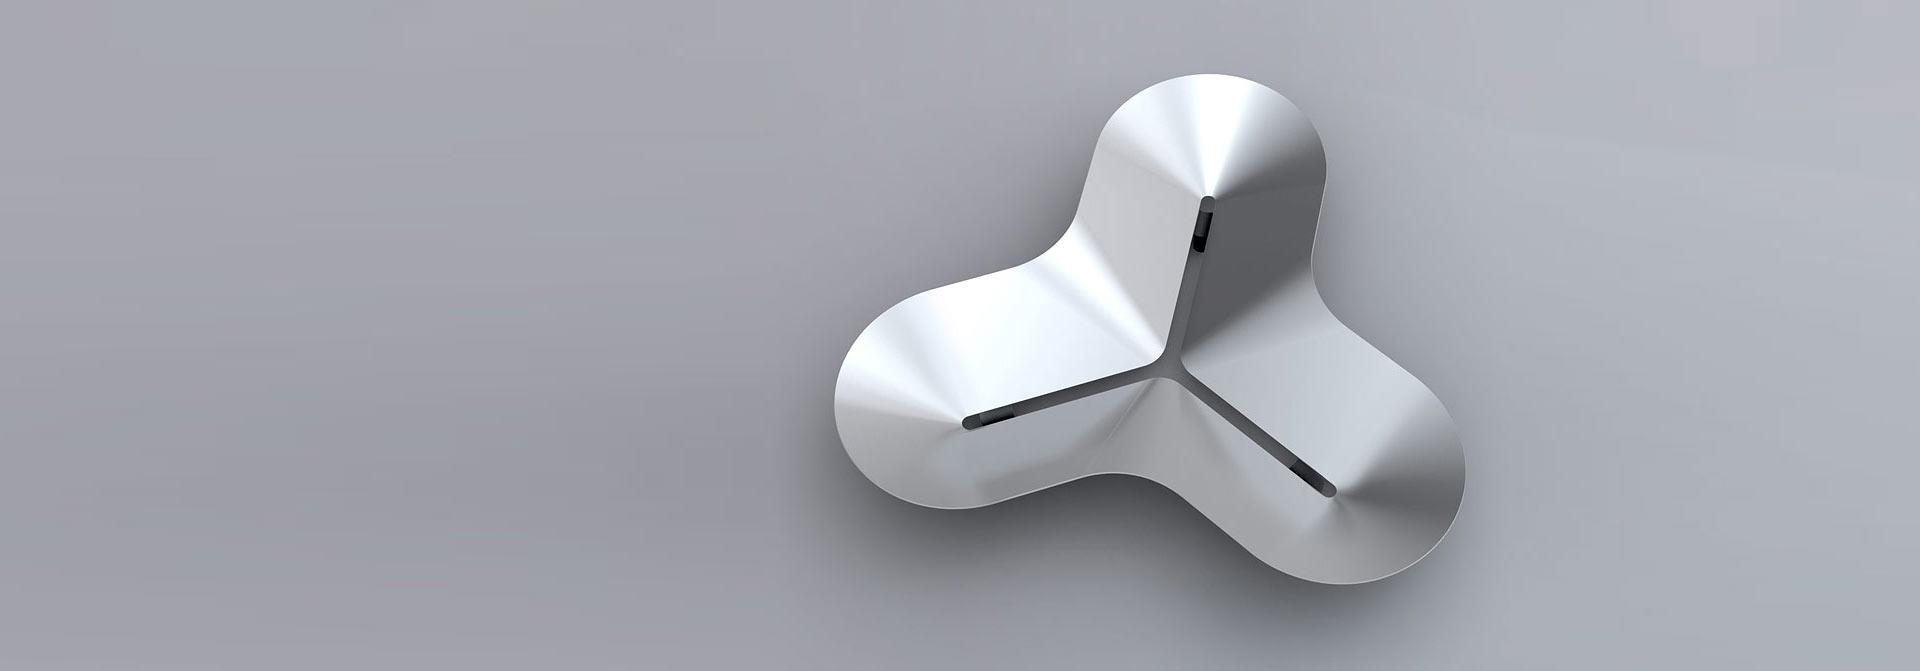 design by daniels + erdwiens